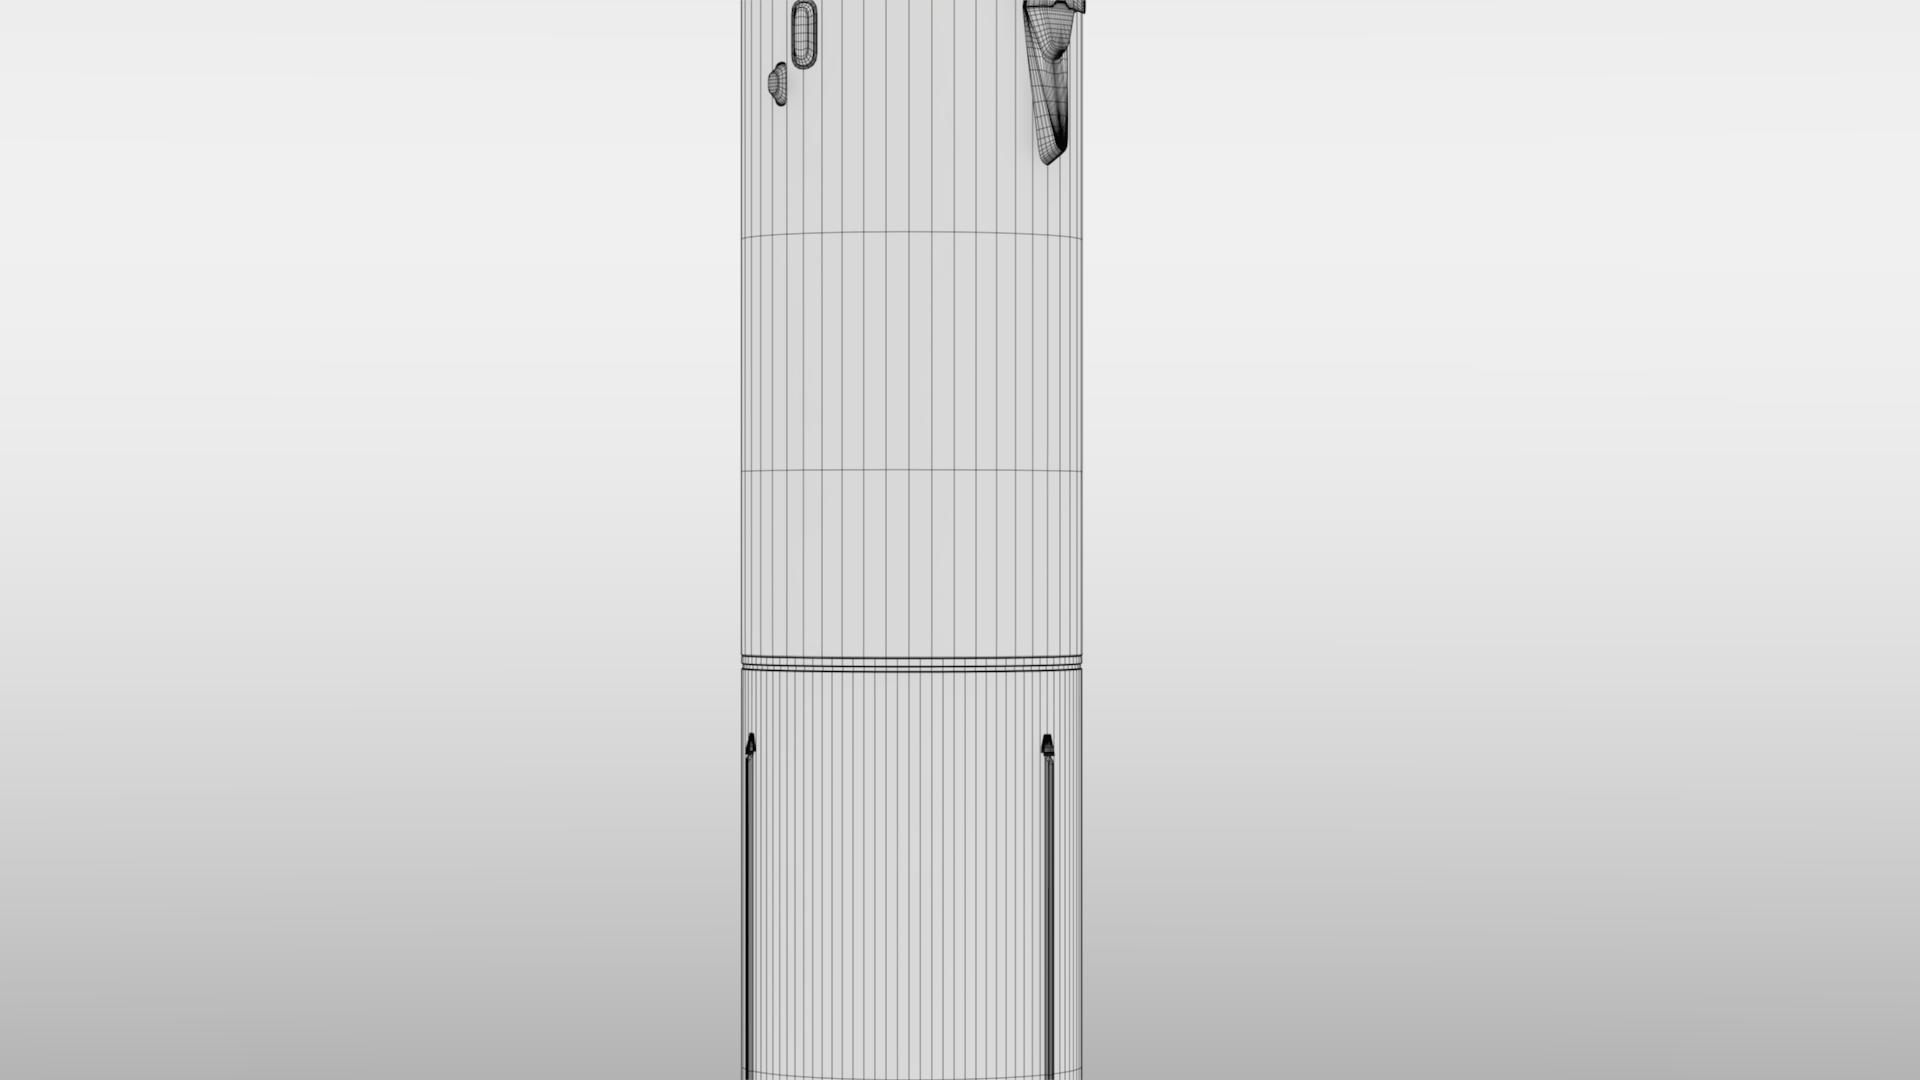 falcon 9 v1.2 non reusable 3d model max fbx c4d lwo ma mb hrc xsi obj 277800